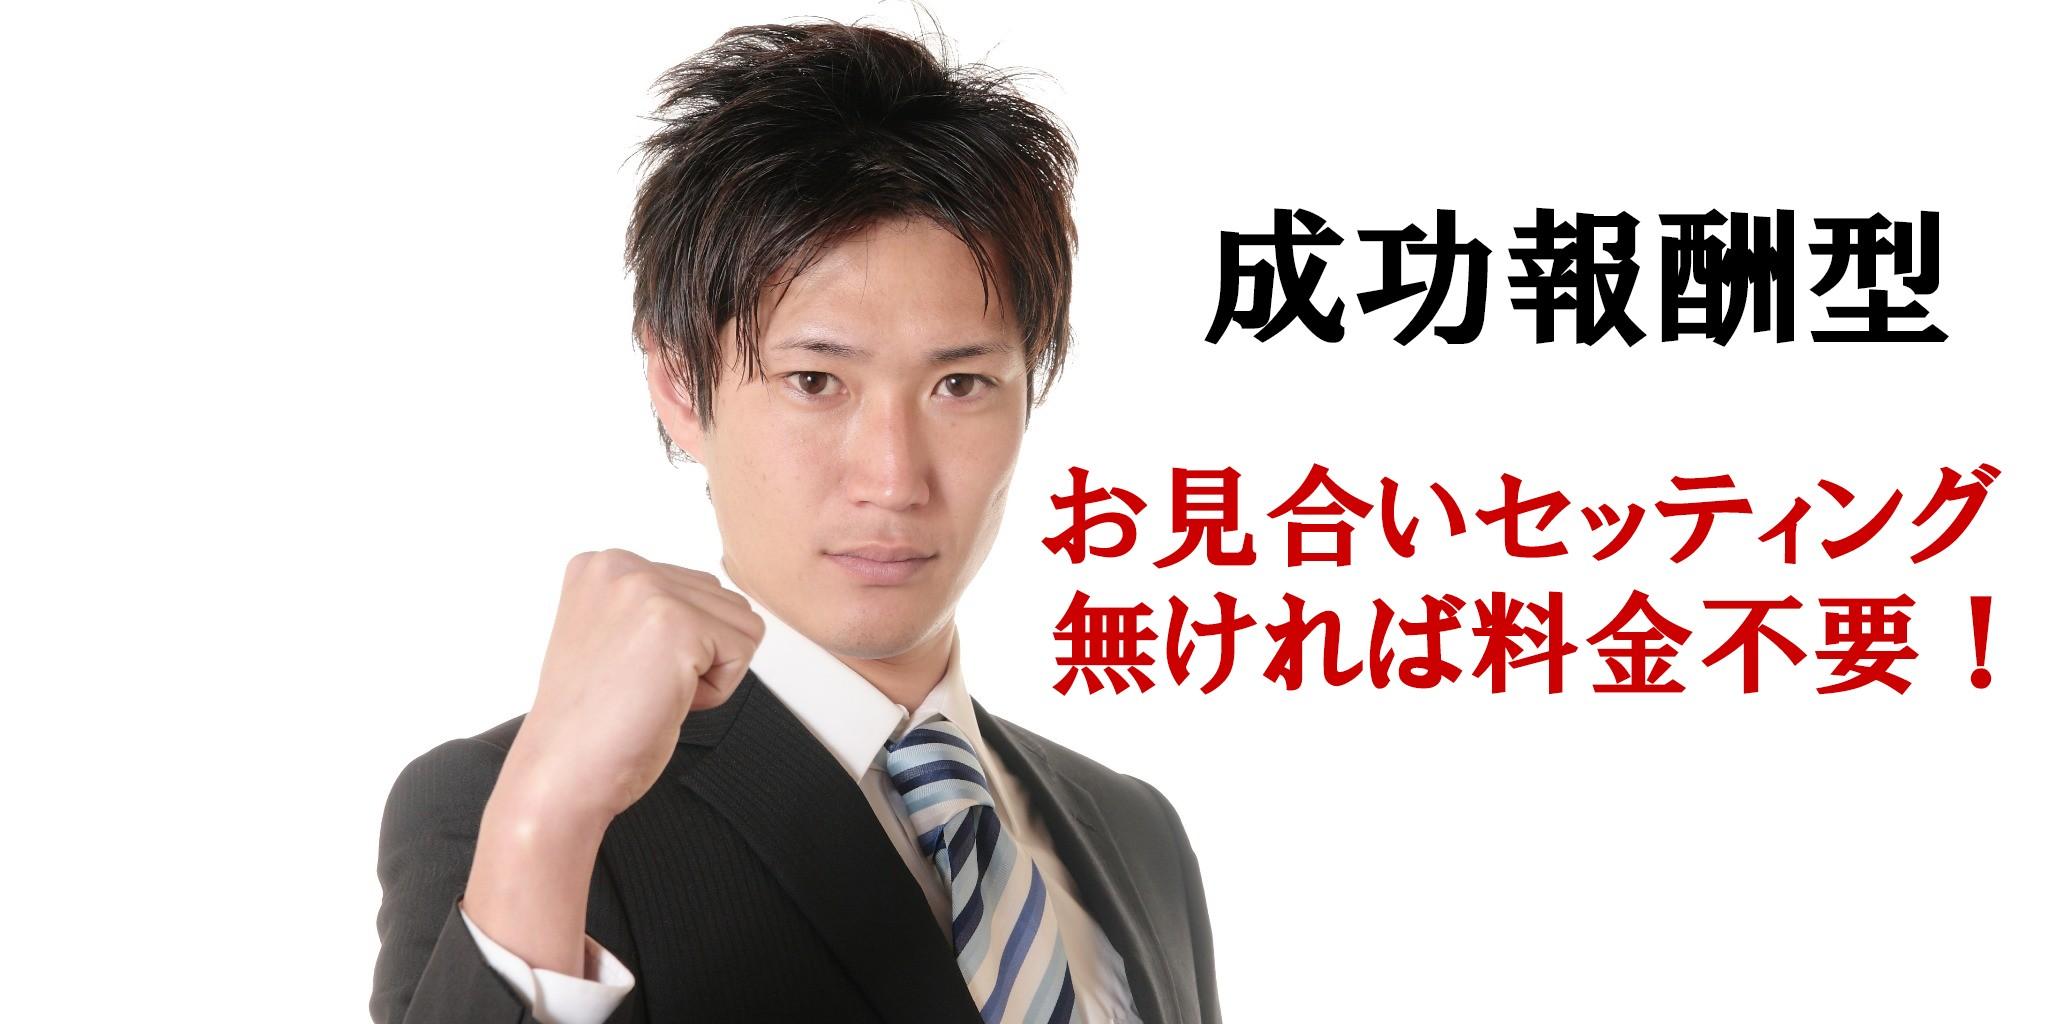 東京で婚活するなら成果報酬型の婚活!お見合いセッティング無ければ料金不要!